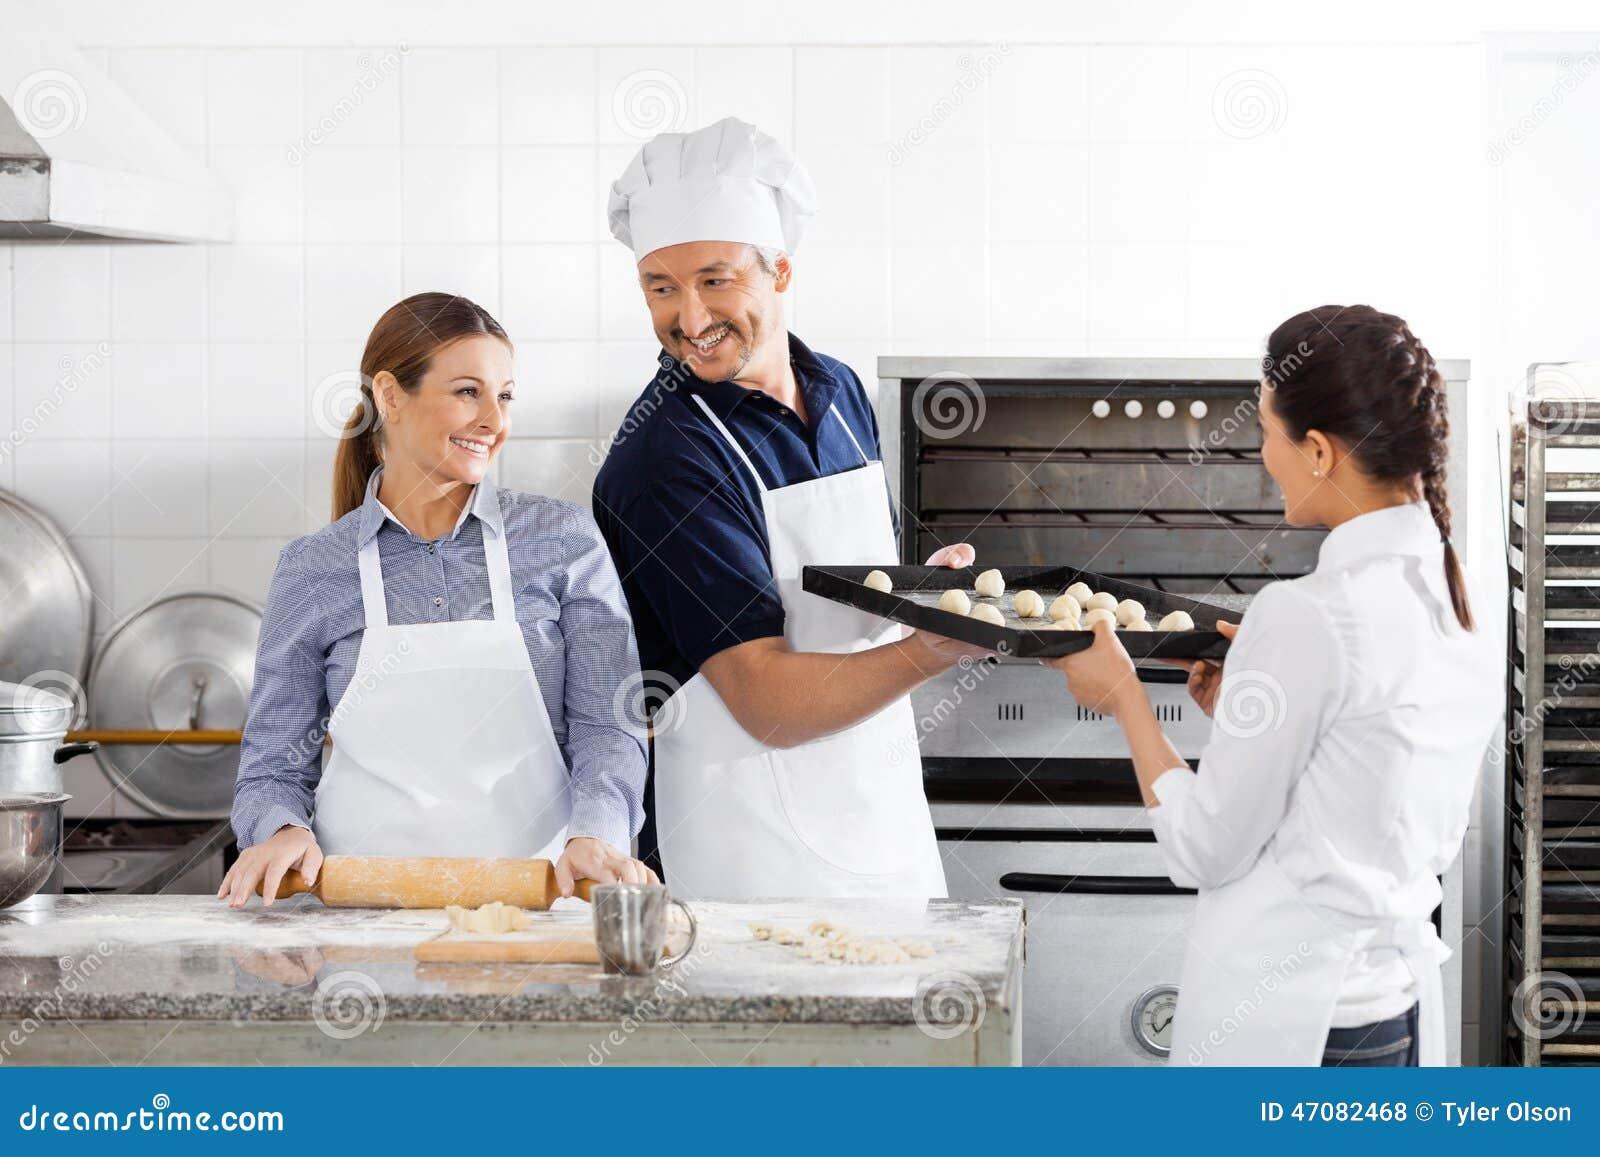 Happy Chefs Baking In Kitchen